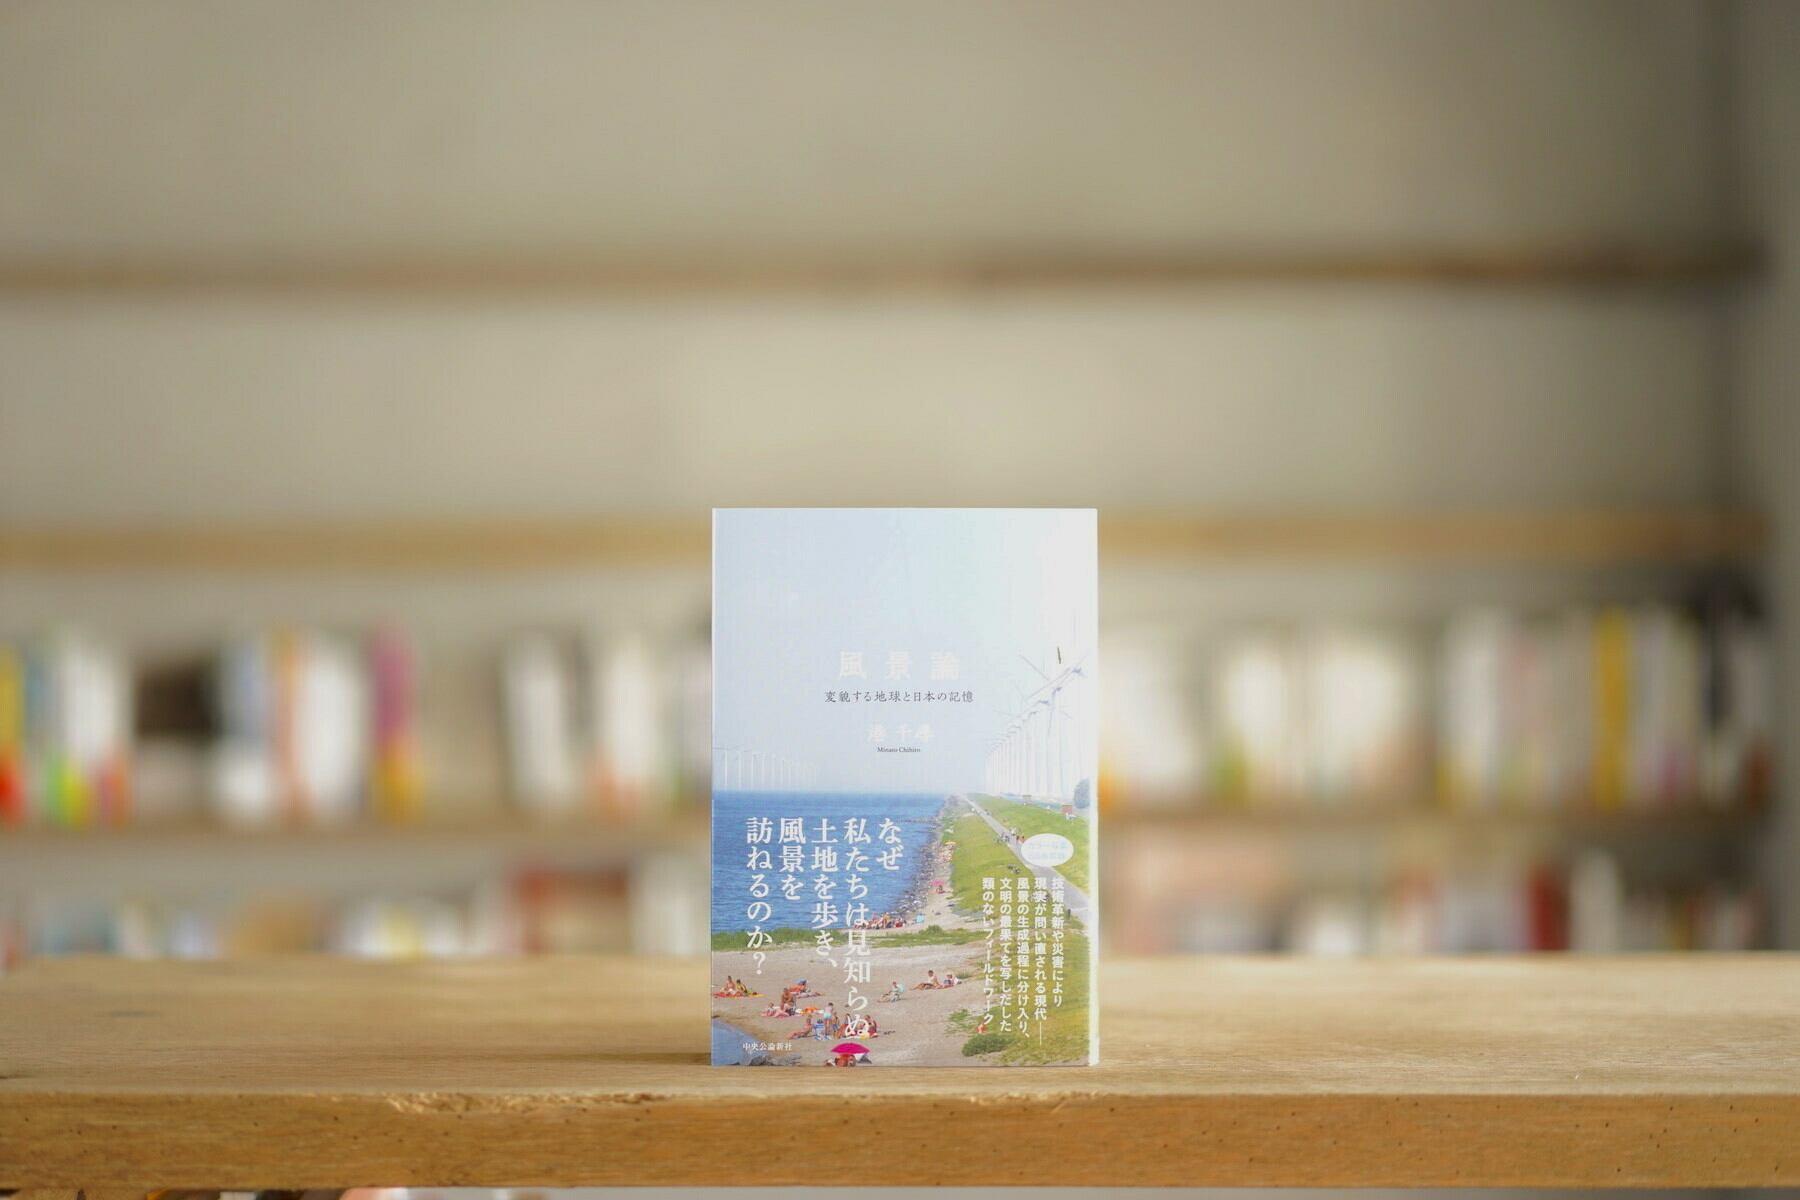 港千尋 『風景論 変貌する地球と日本の記憶』 (中央公論新社、2018)